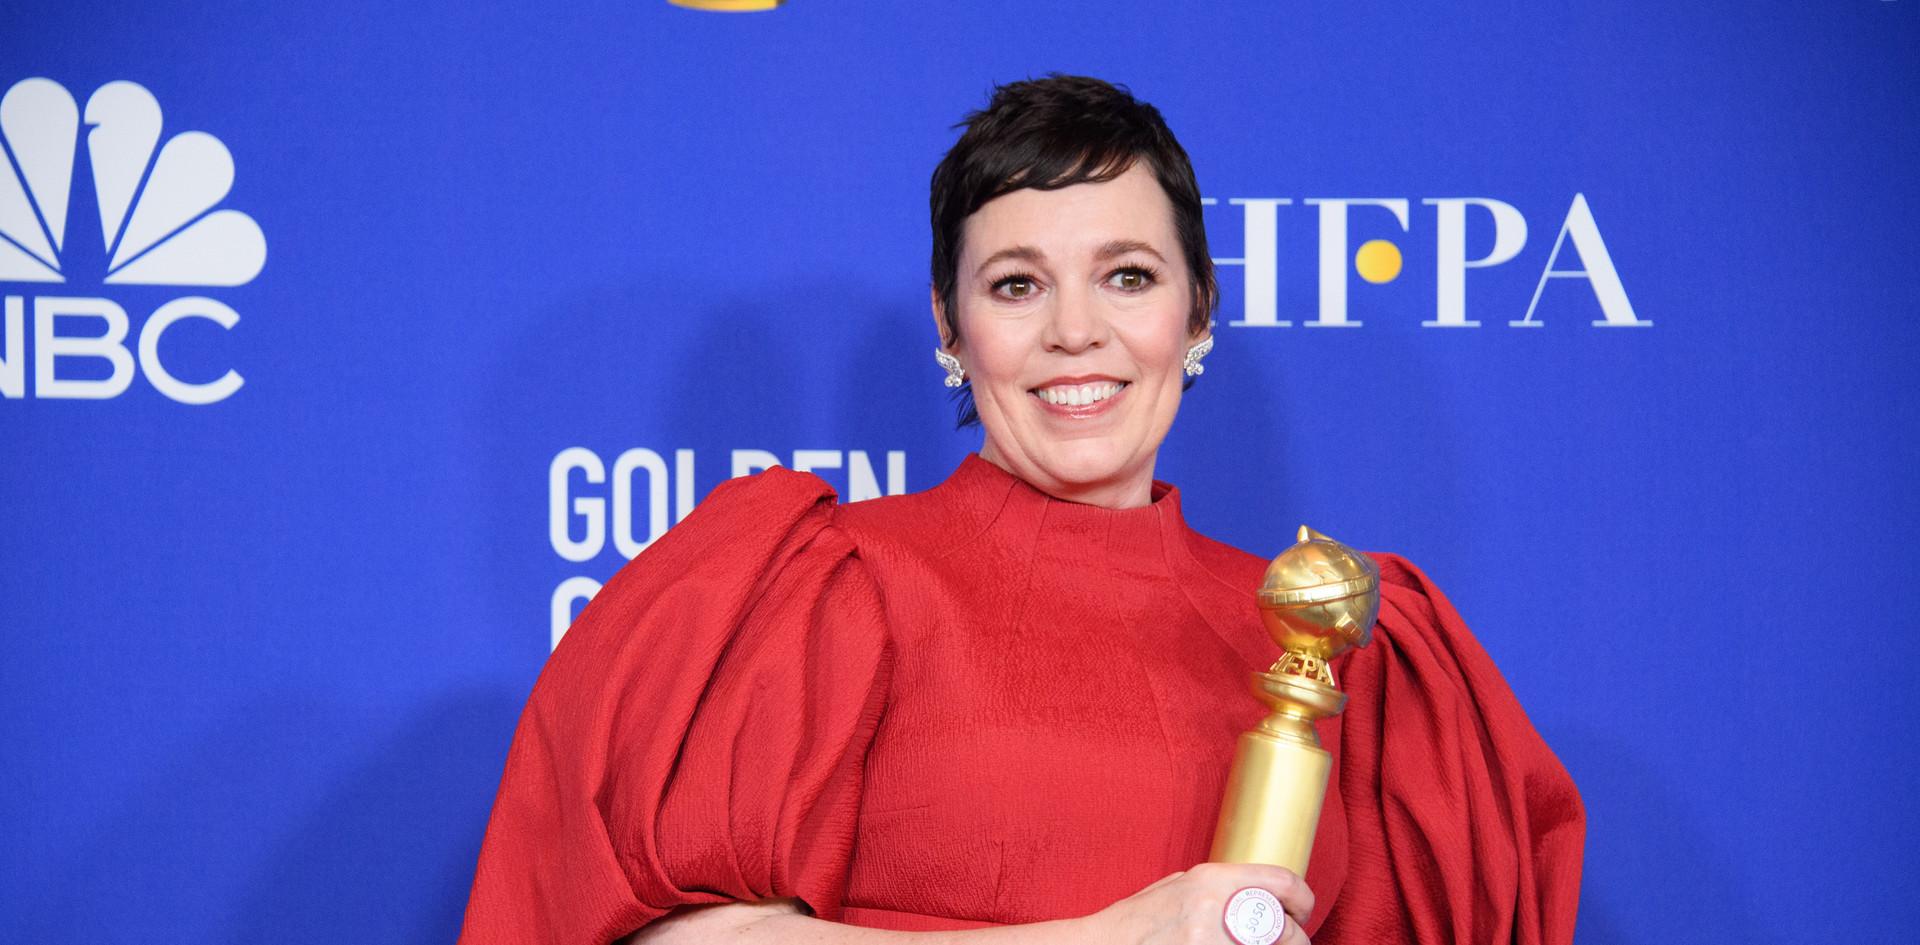 """Phoebe Waller-Bridge com o Golden Globe, como Melhor Actriz - Comédia ou Musical das Séries de Televisão:""""Fleabag,"""" na Sala de Imprensa do 77th Annual Golden Globes Awards no Beverly Hilton em Beverly Hills, CA. Fotografia: HFPA Photographer."""